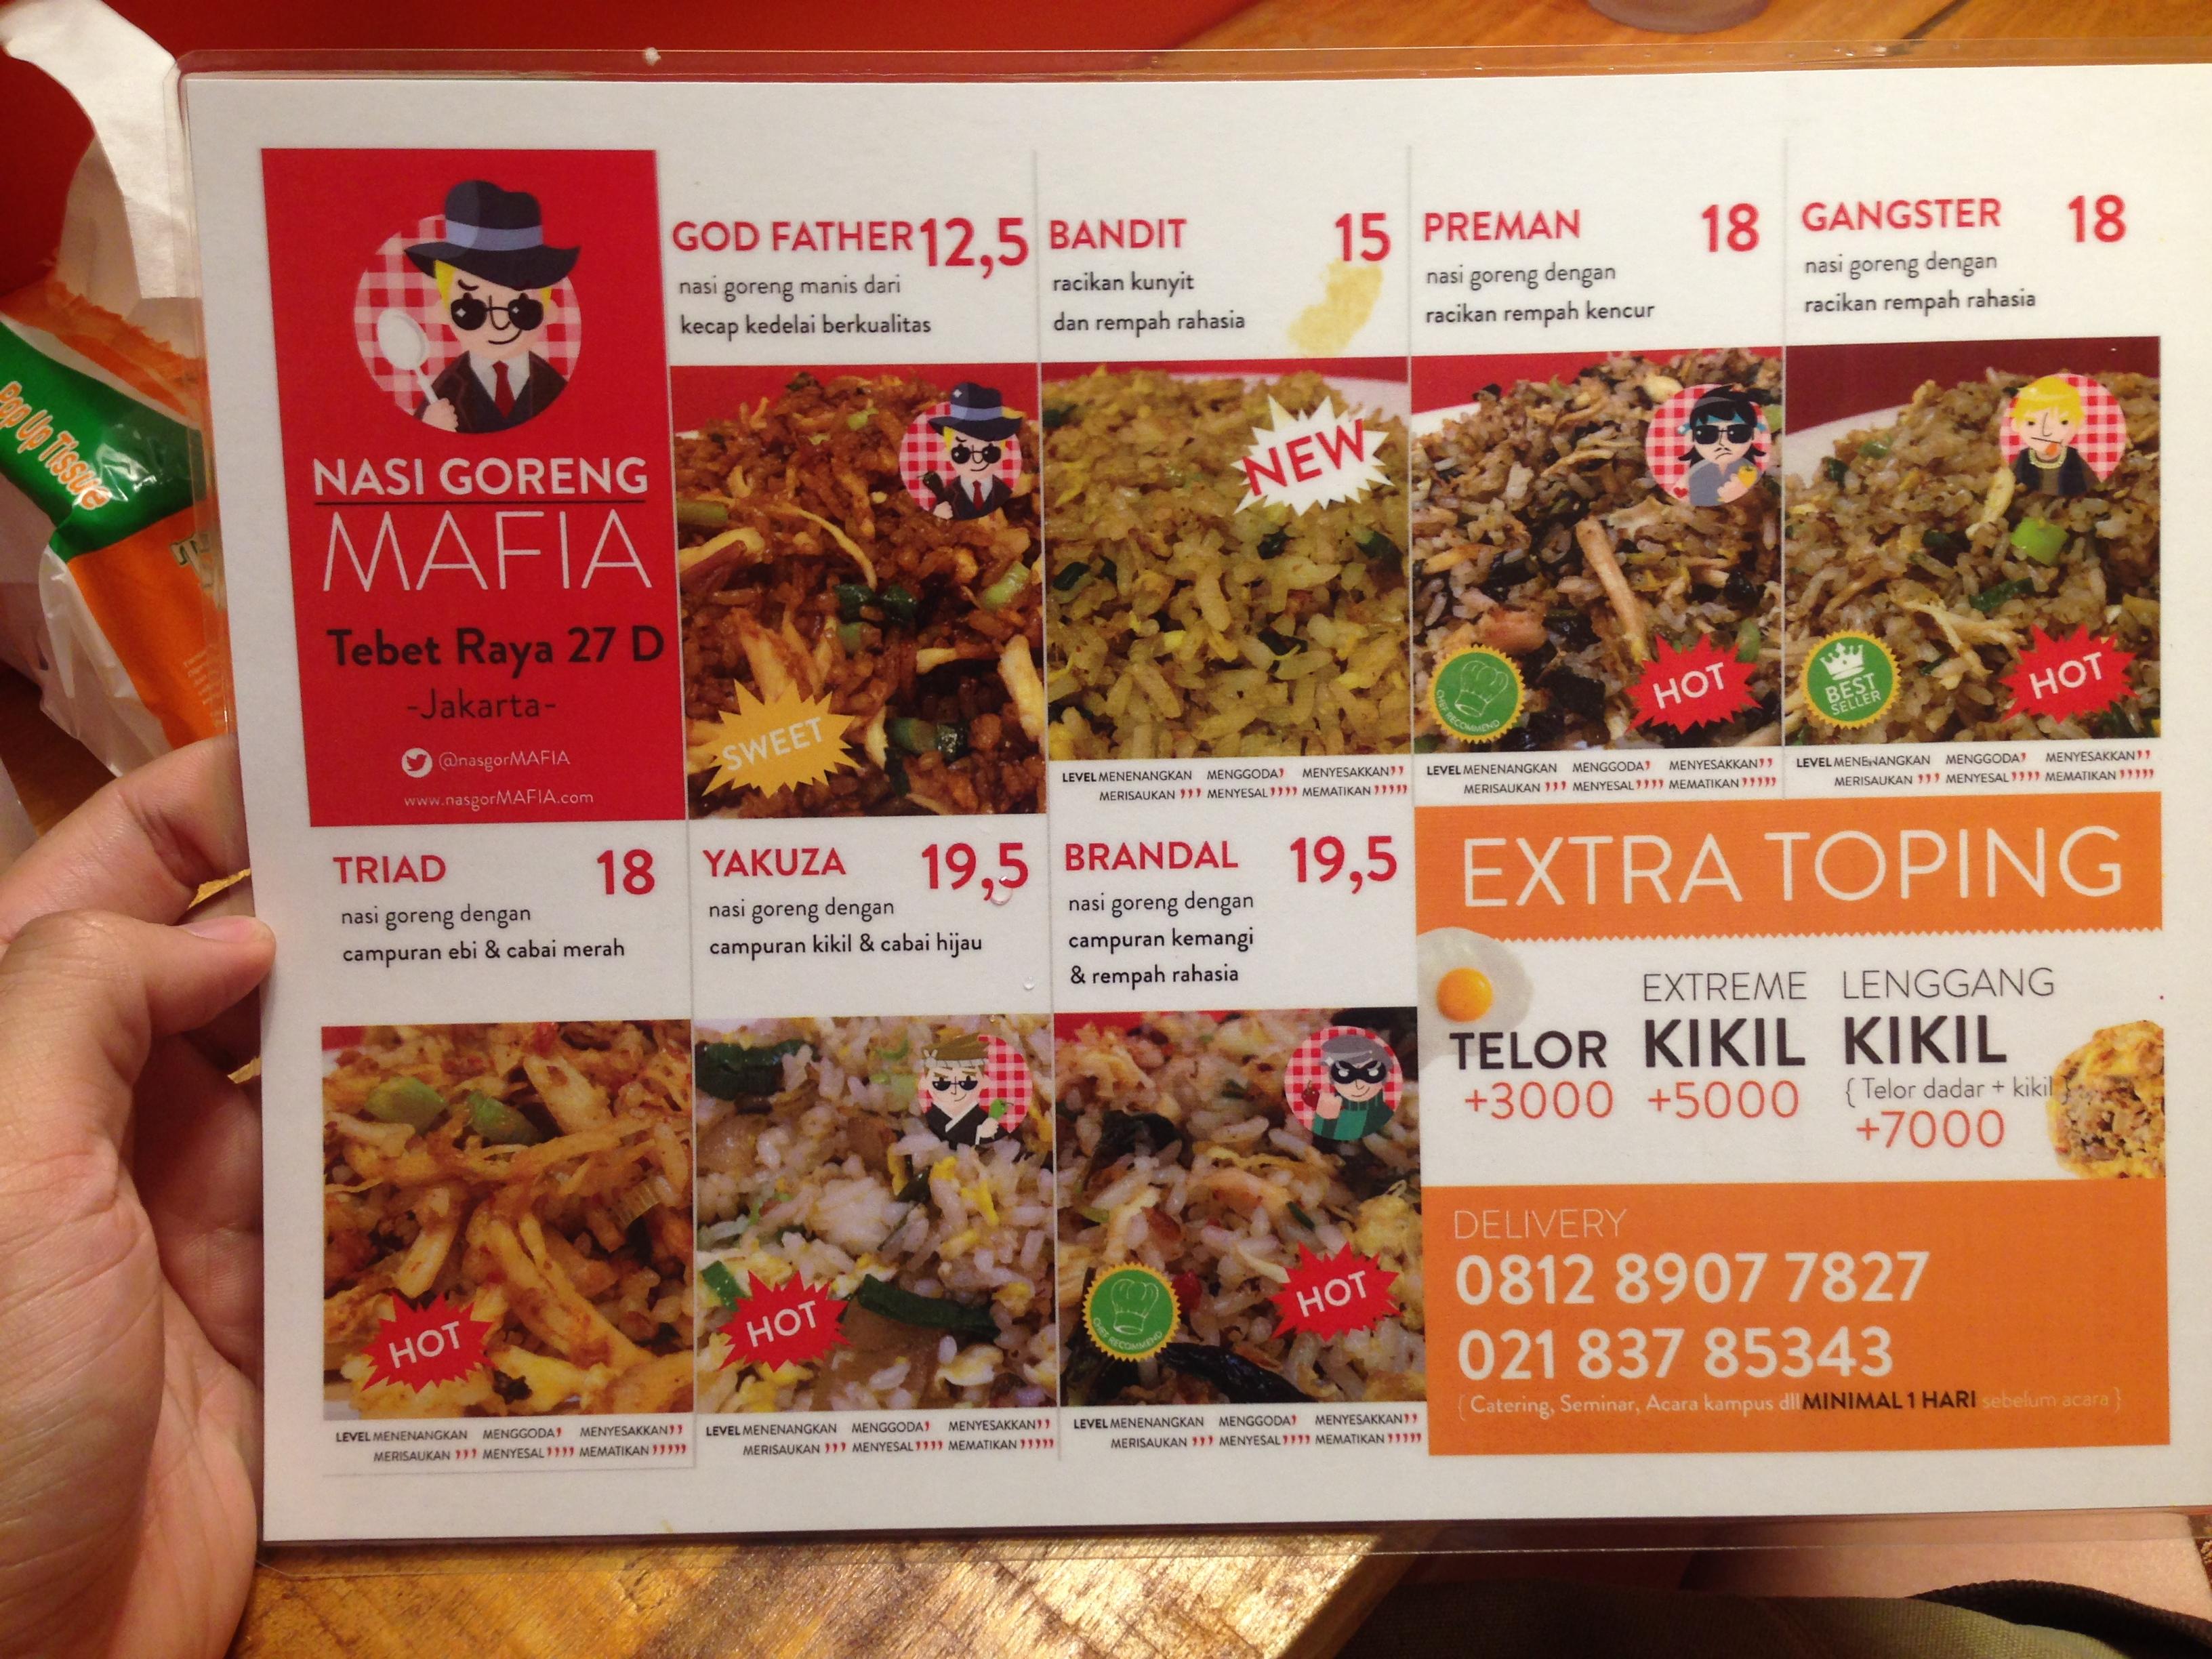 Nasi Goreng Mafia bukan cuma cabecabean  The Food and Me